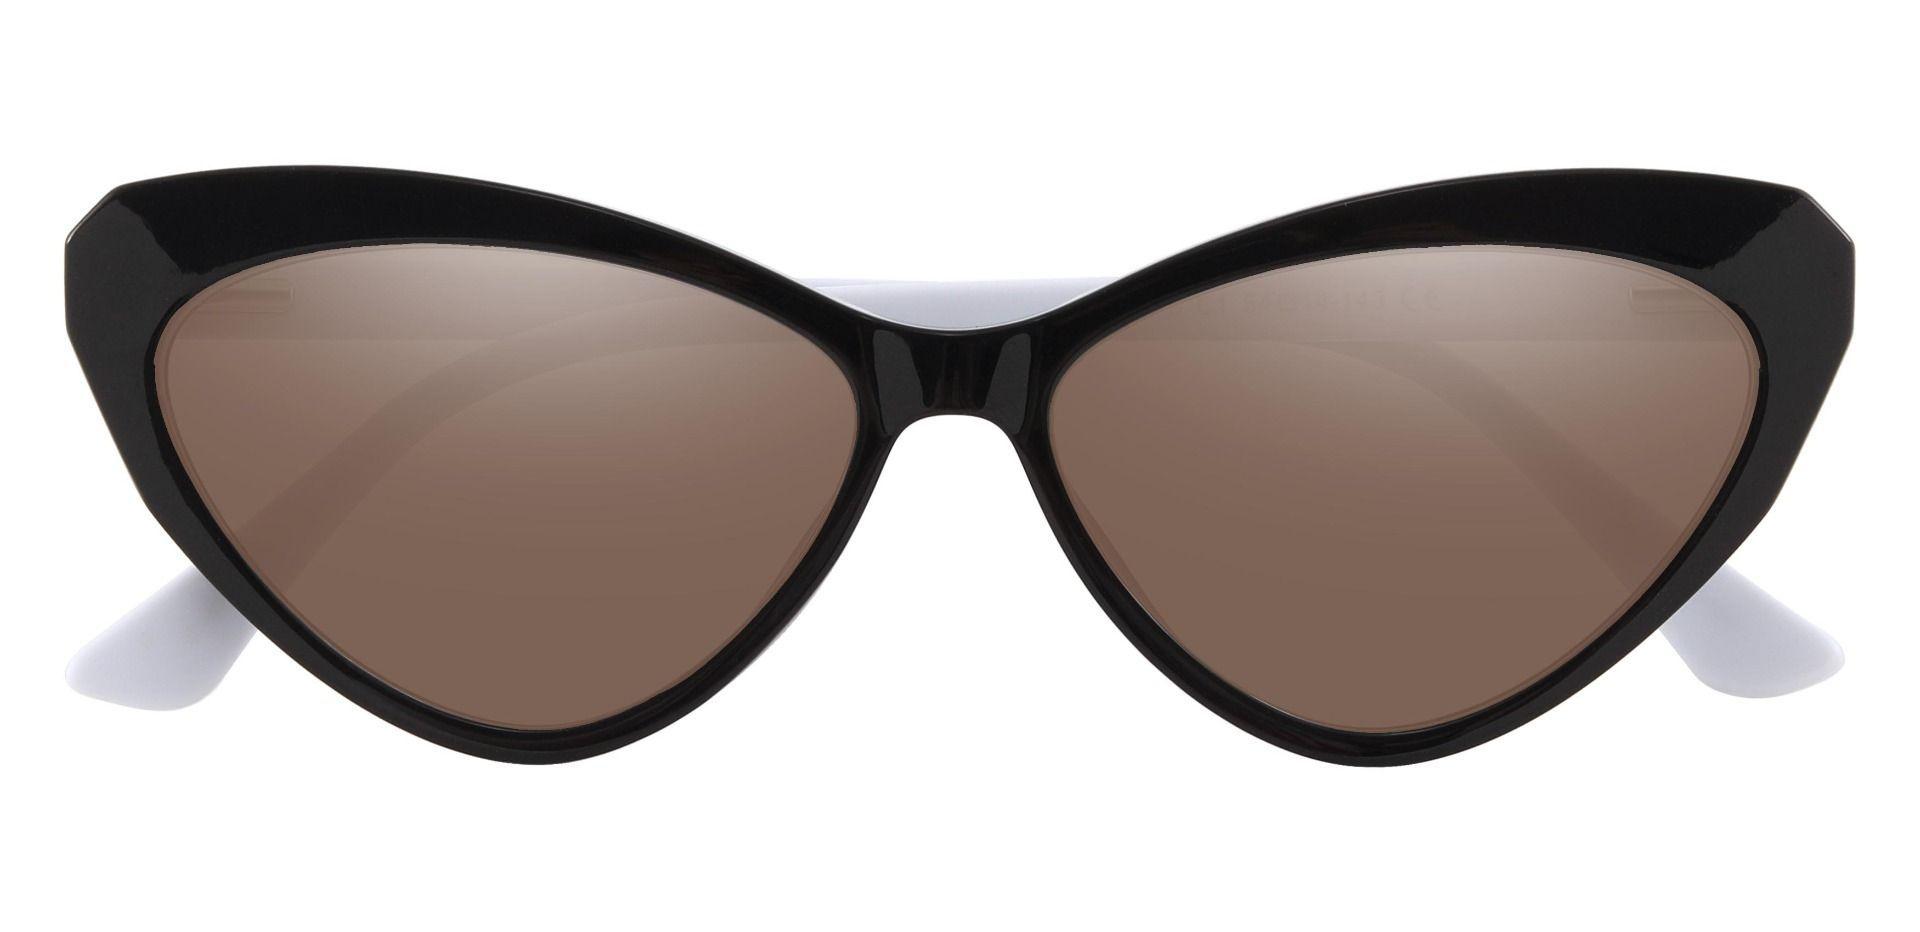 Clovis Cat Eye Prescription Sunglasses - Black Frame With Brown Lenses